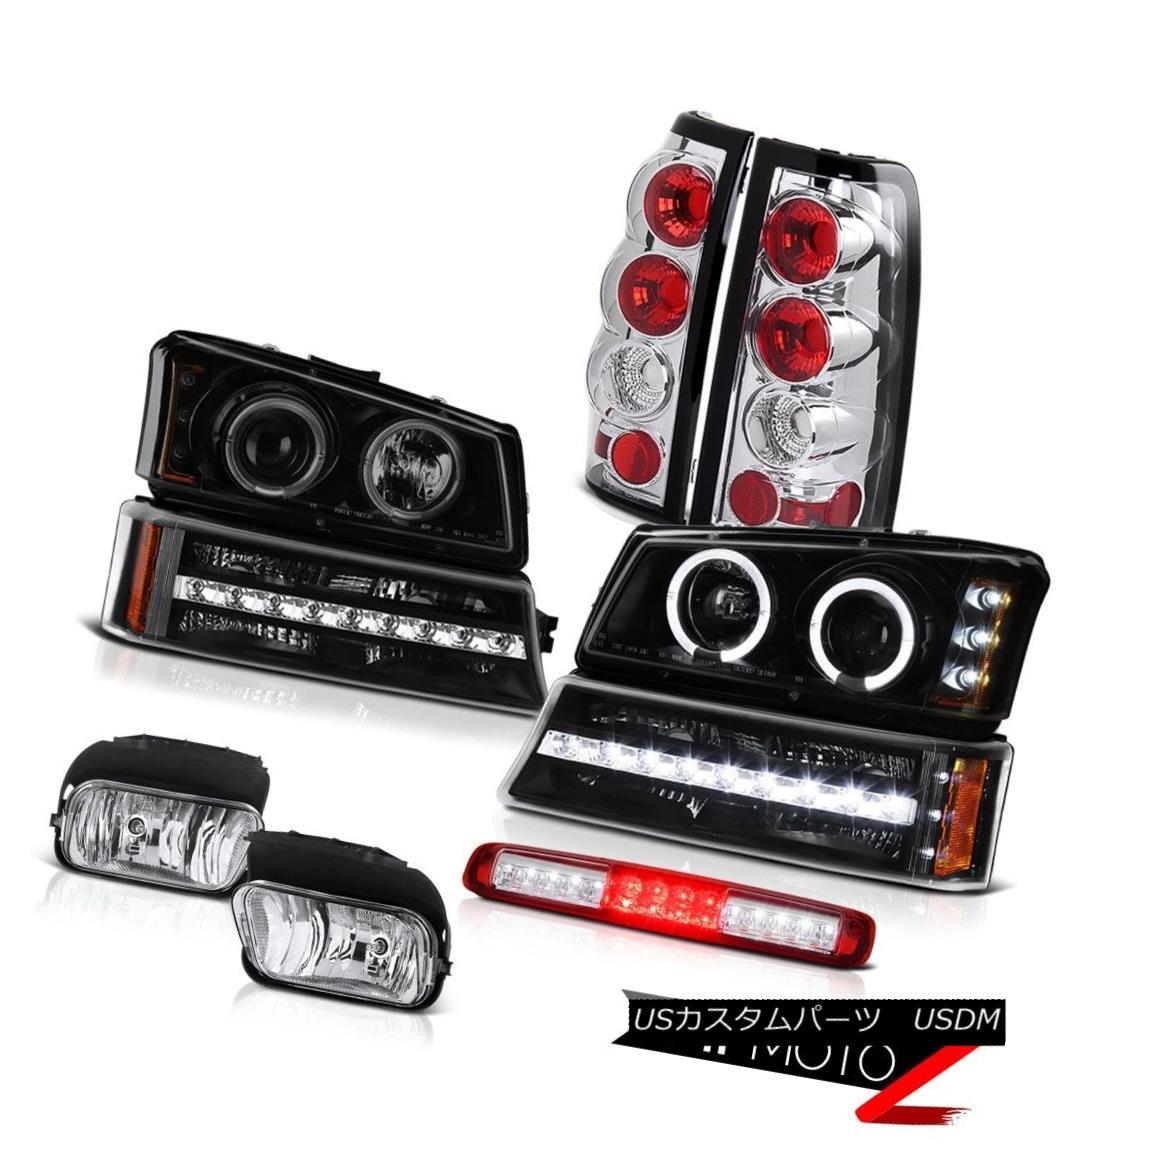 テールライト 03-06 Silverado 2500Hd Foglamps 3RD Brake Light Black Bumper Headlamps Taillamps 03-06 Silverado 2500Hdフォグランプ3RDブレーキライトブラックバンパーヘッドランプタイルランプ